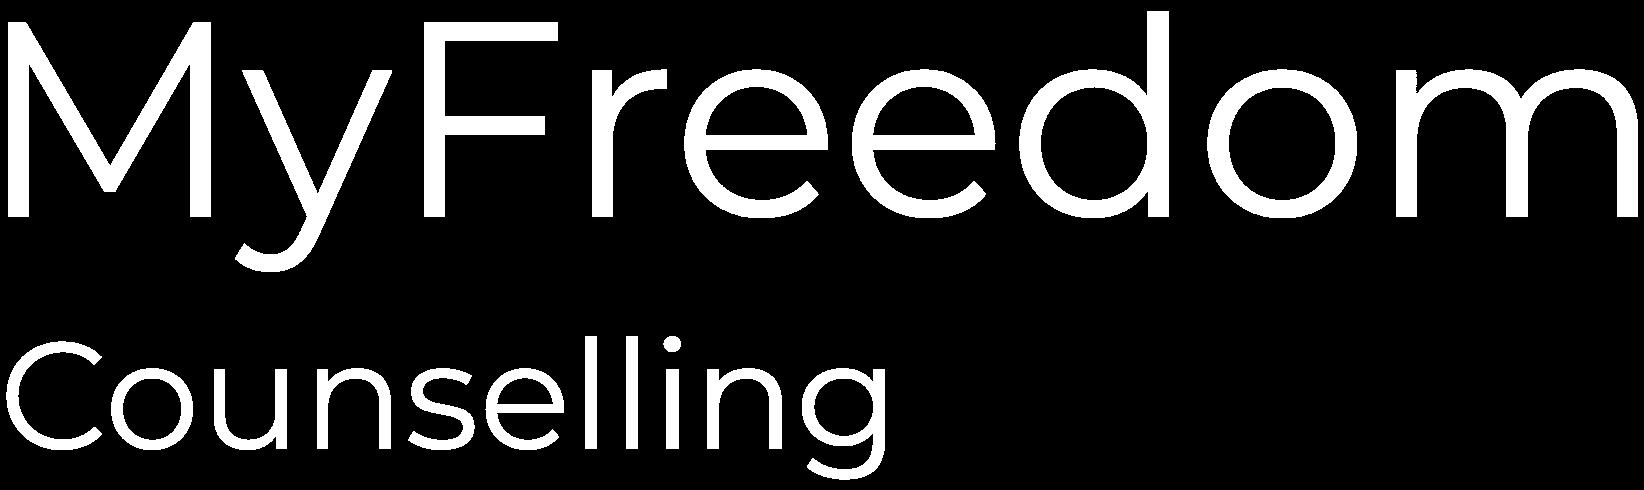 MyFreedom-logo (1) - Edited.png